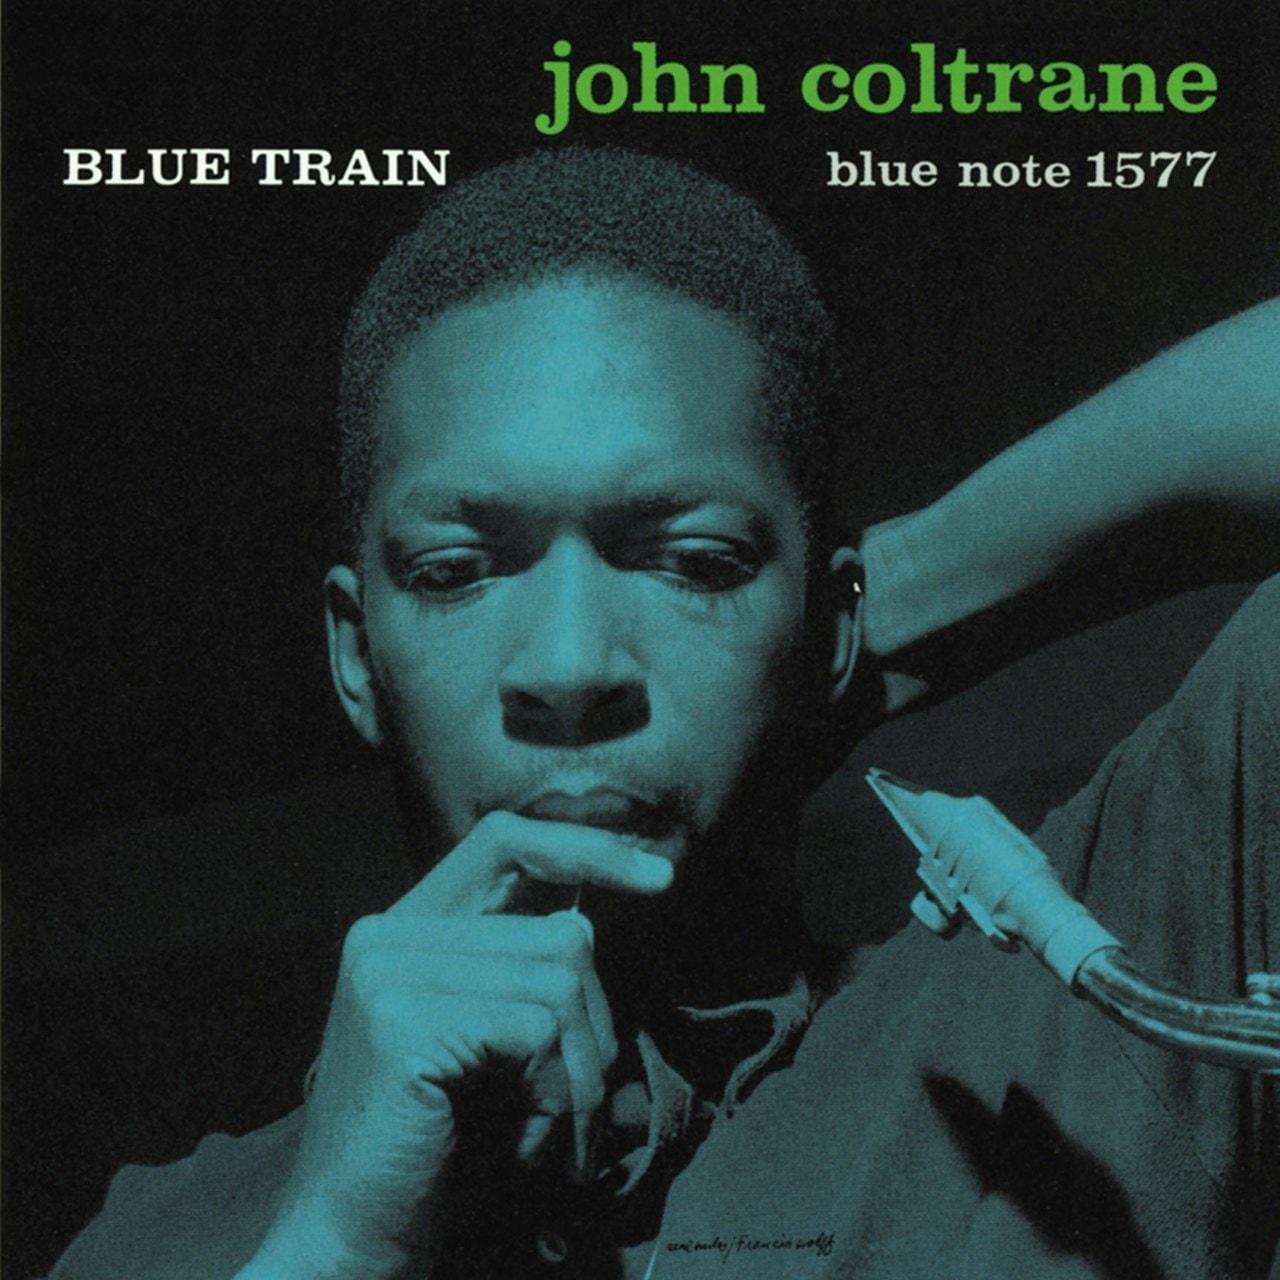 Blue Train - 1